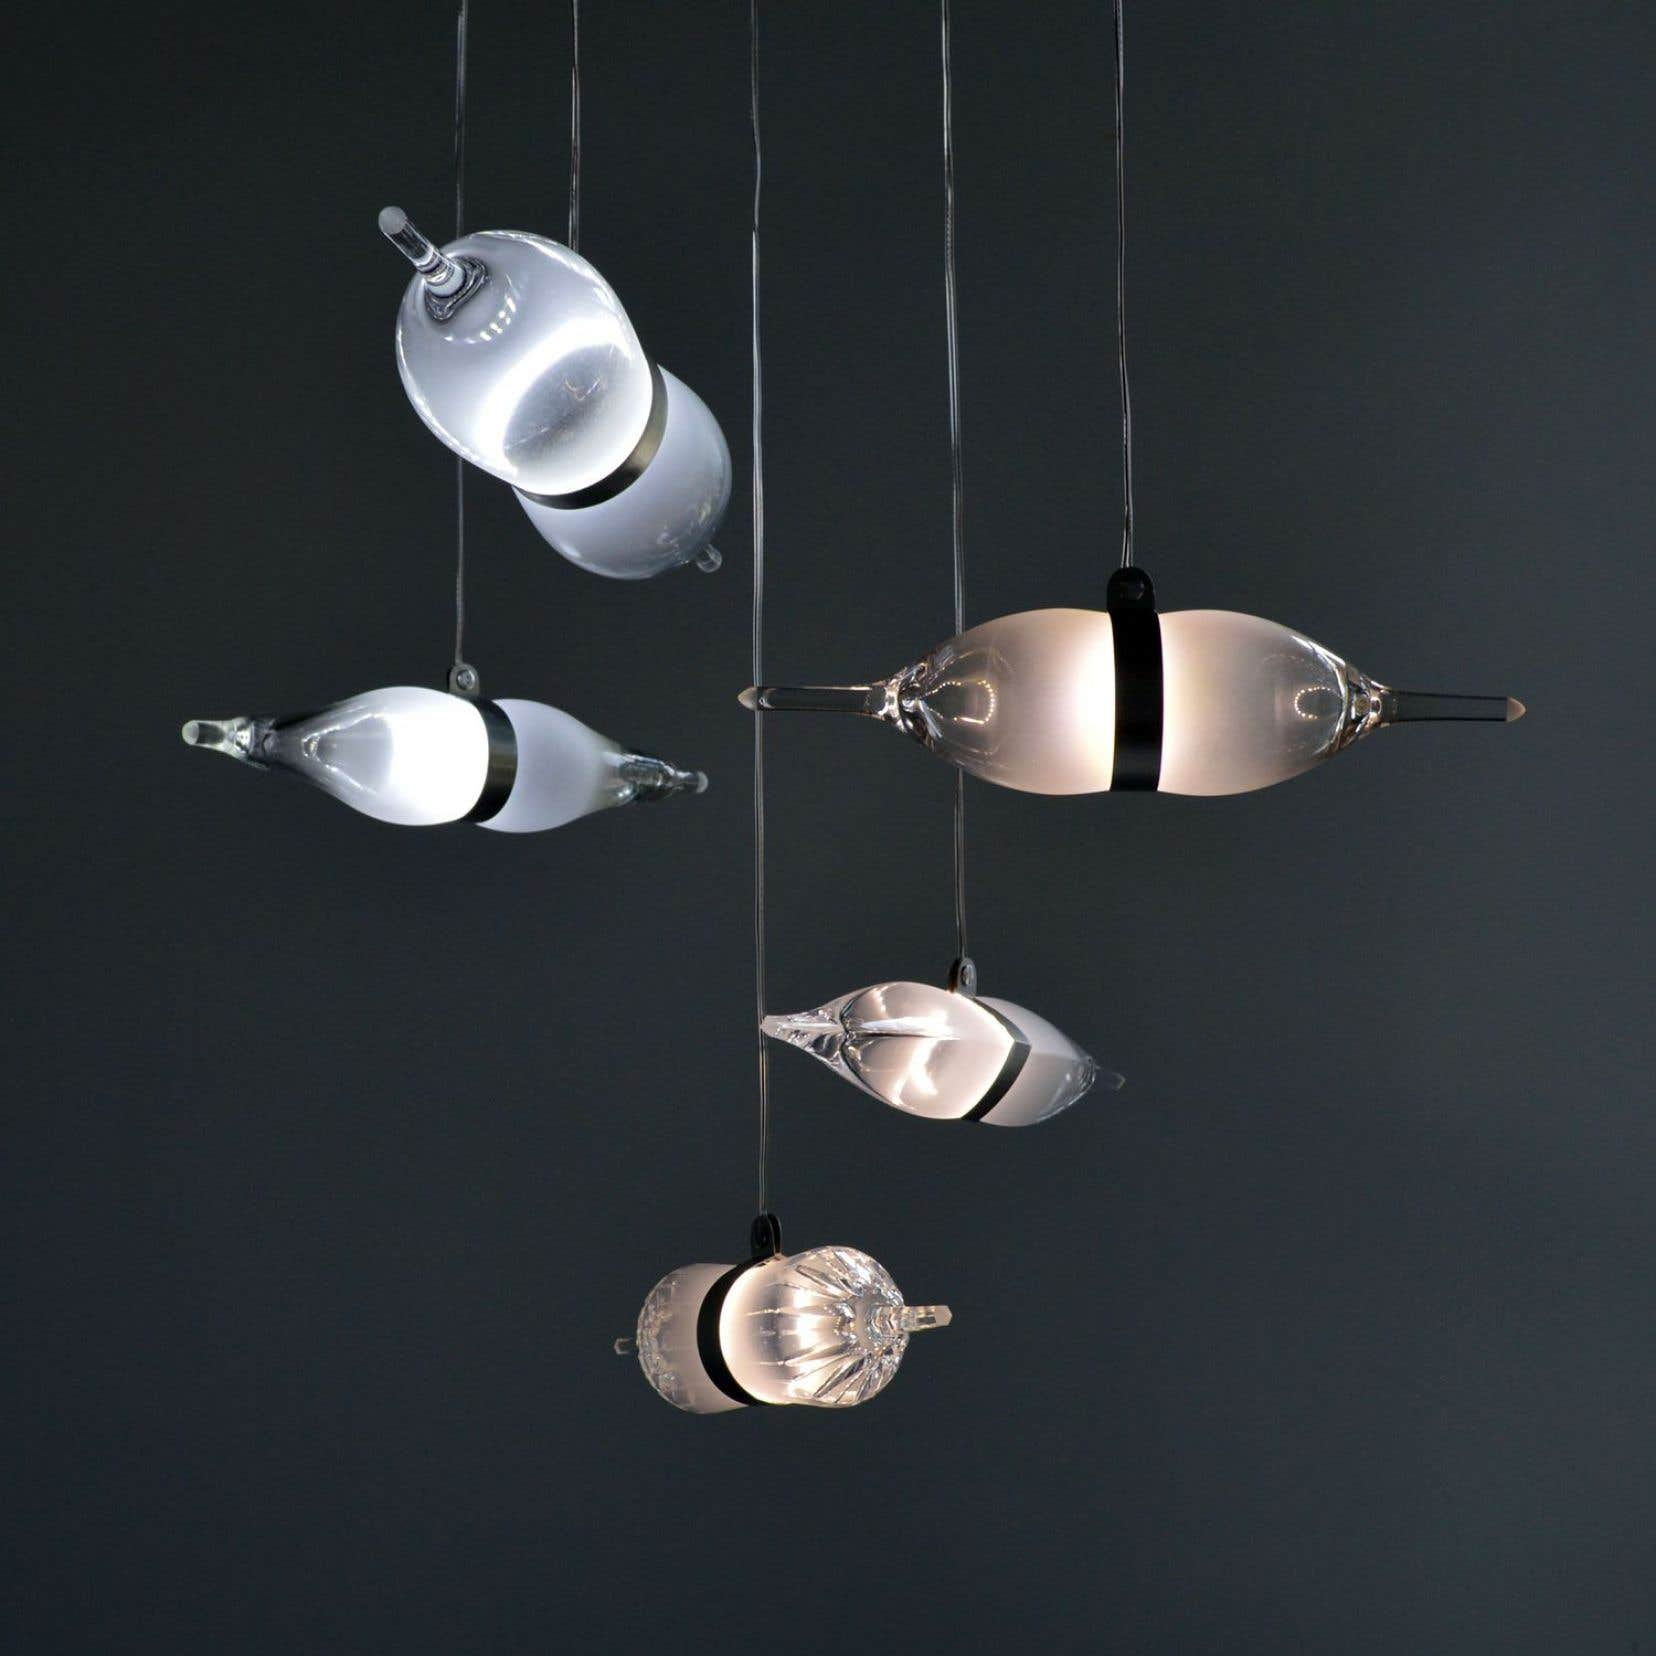 Les «bipolaires», des luminaires fabriqués à partir de flûtes et de coupes en verre brisées, par le designer québécois Tat Chao.